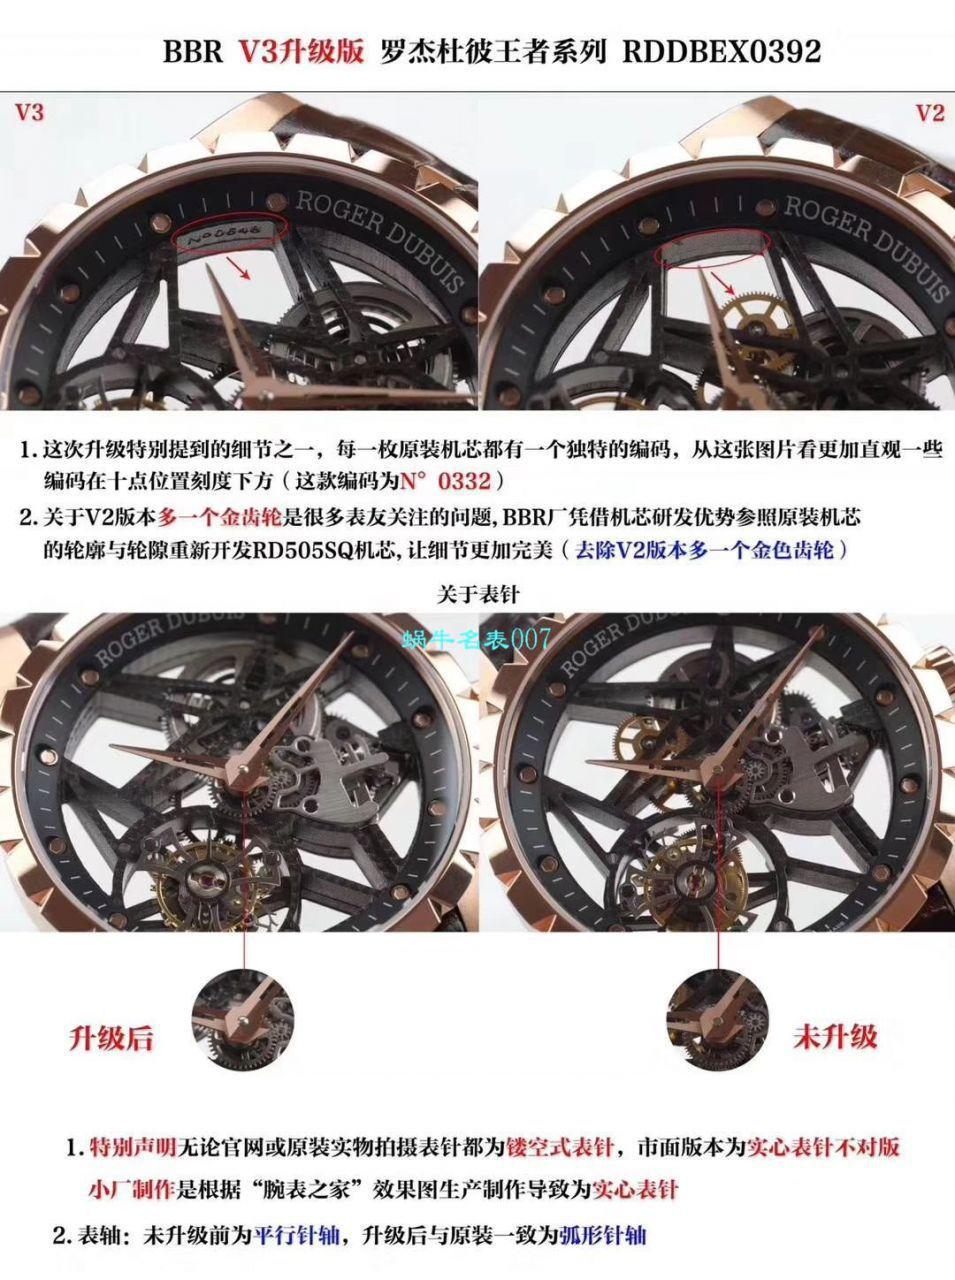 顶级复刻罗杰杜彼镂空陀飞轮手表【视频评测】罗杰杜彼复刻手表最好版本 / LJ080B